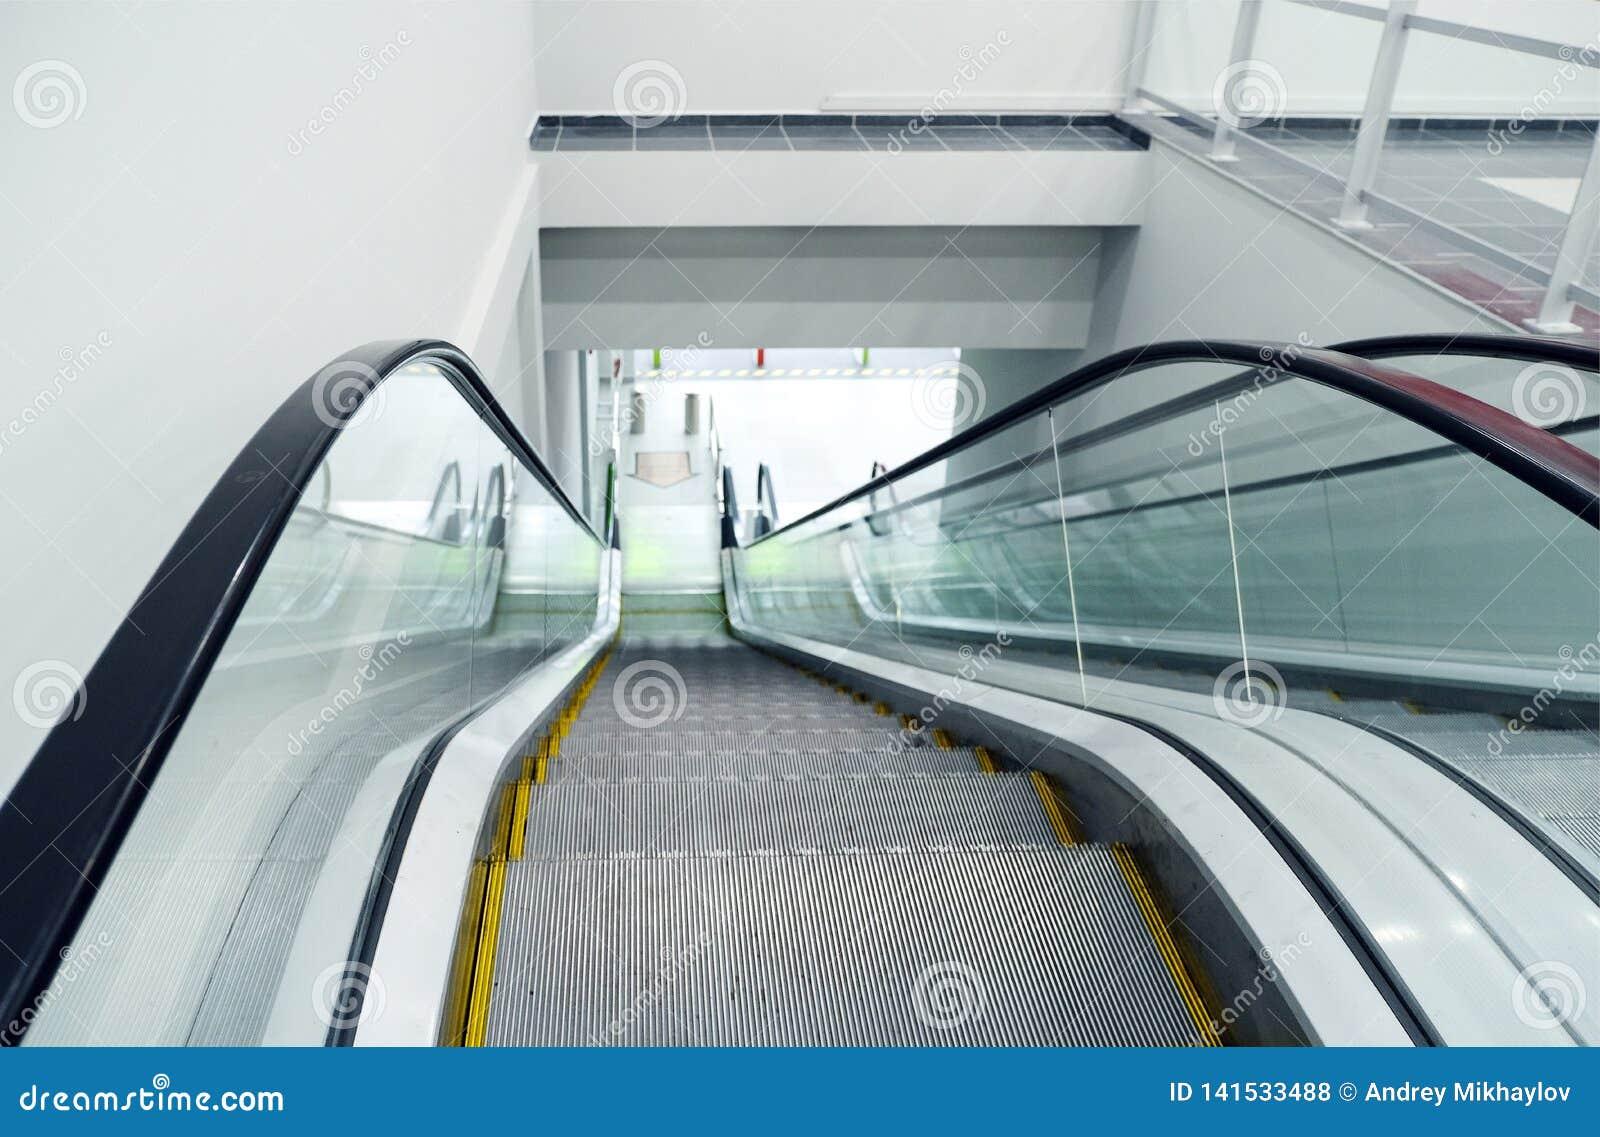 Σύγχρονες κυλιόμενες σκάλες πολυτέλειας με τη σκάλα στον αερολιμένα